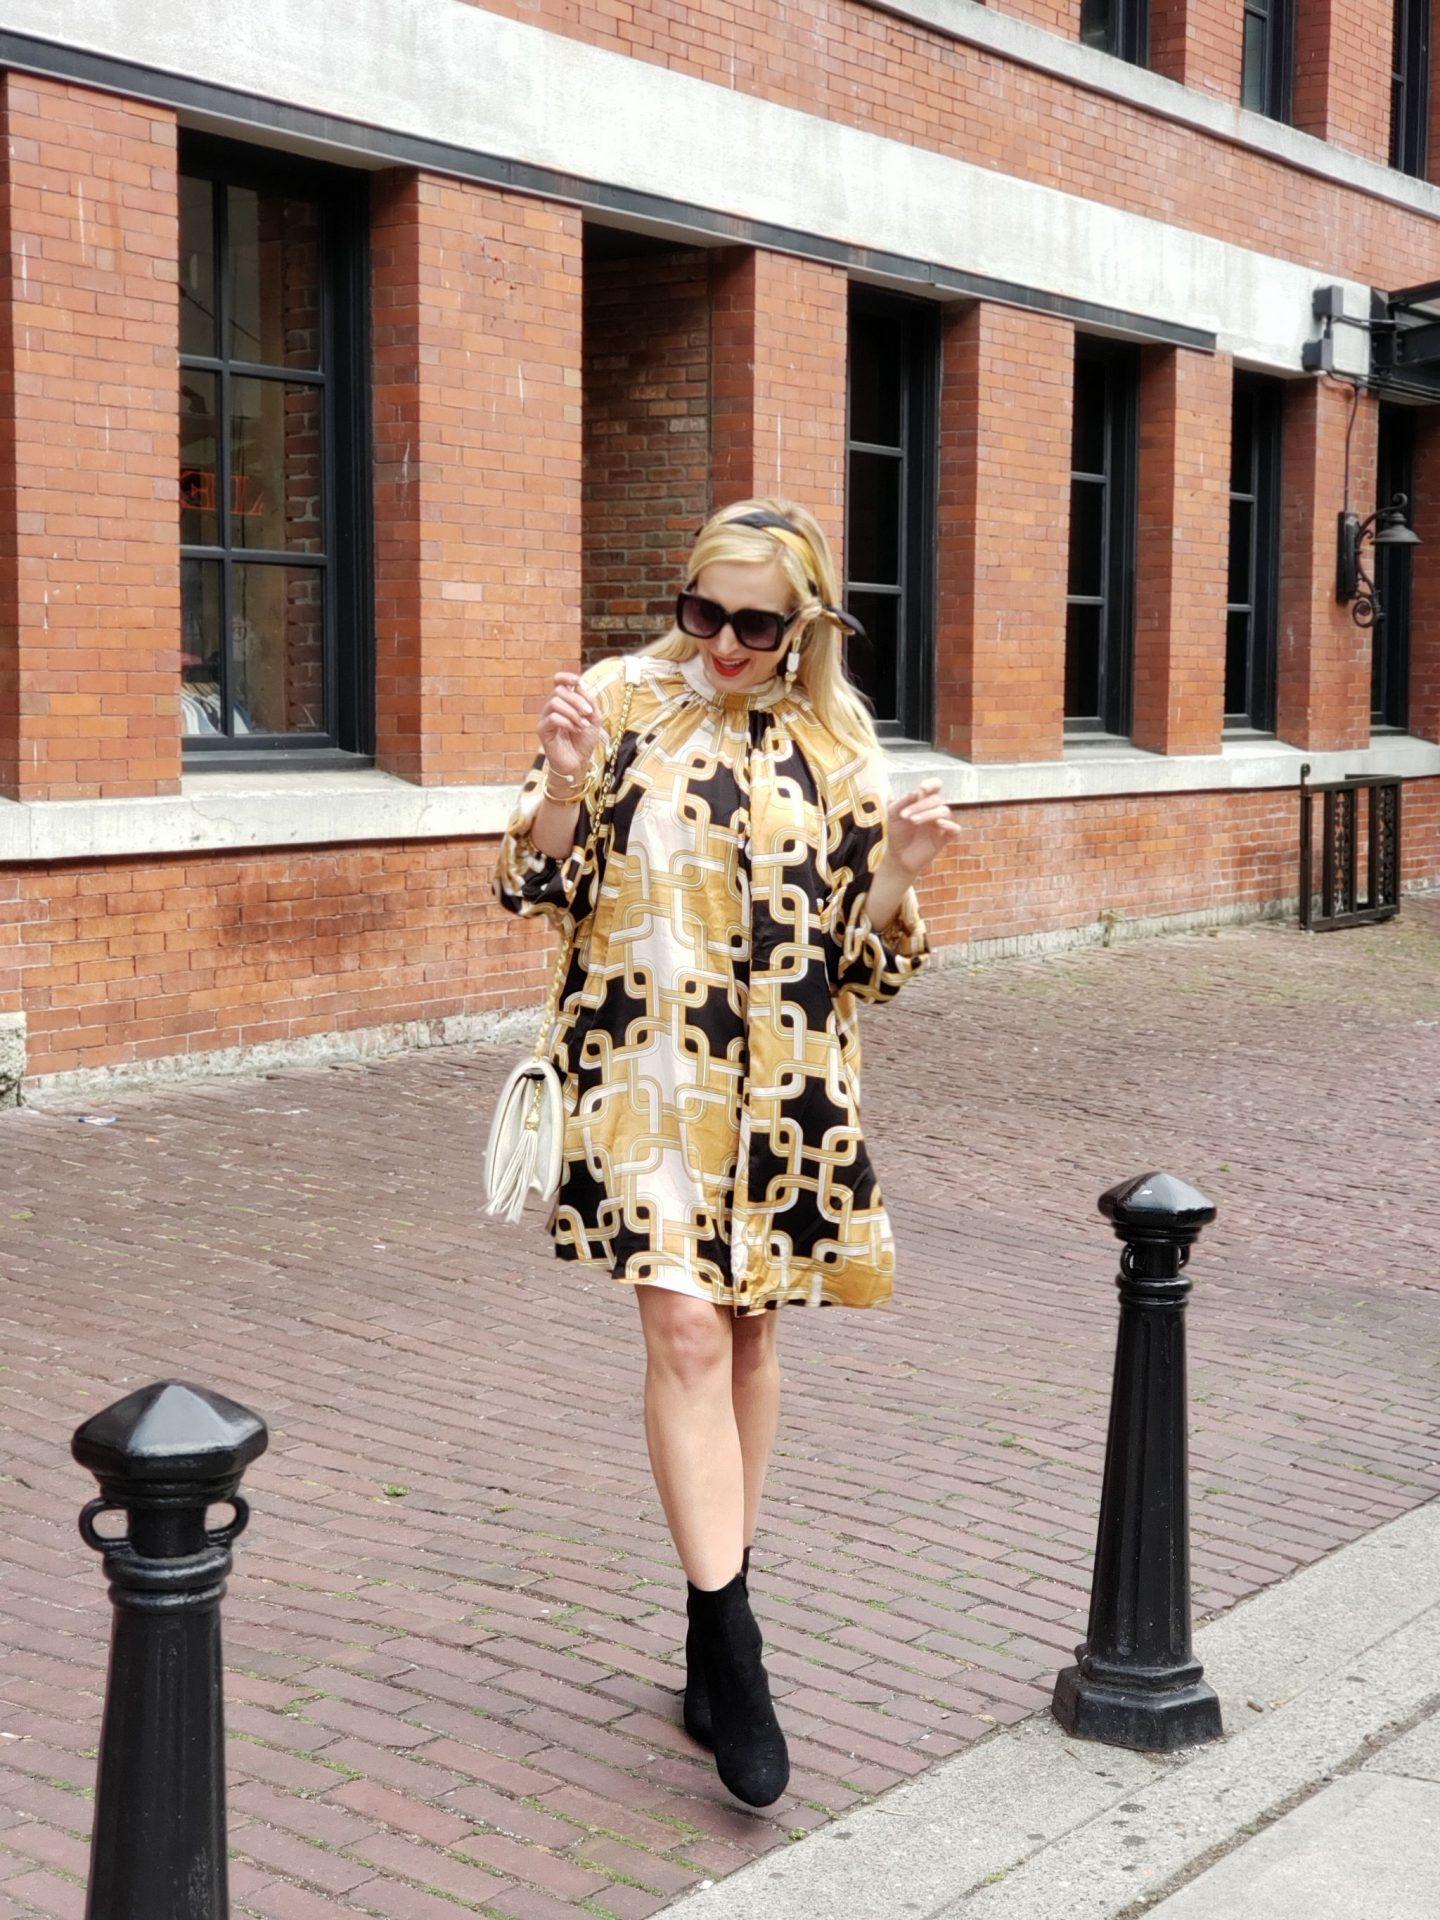 richard allan x h&m collection woman wearing shift dress